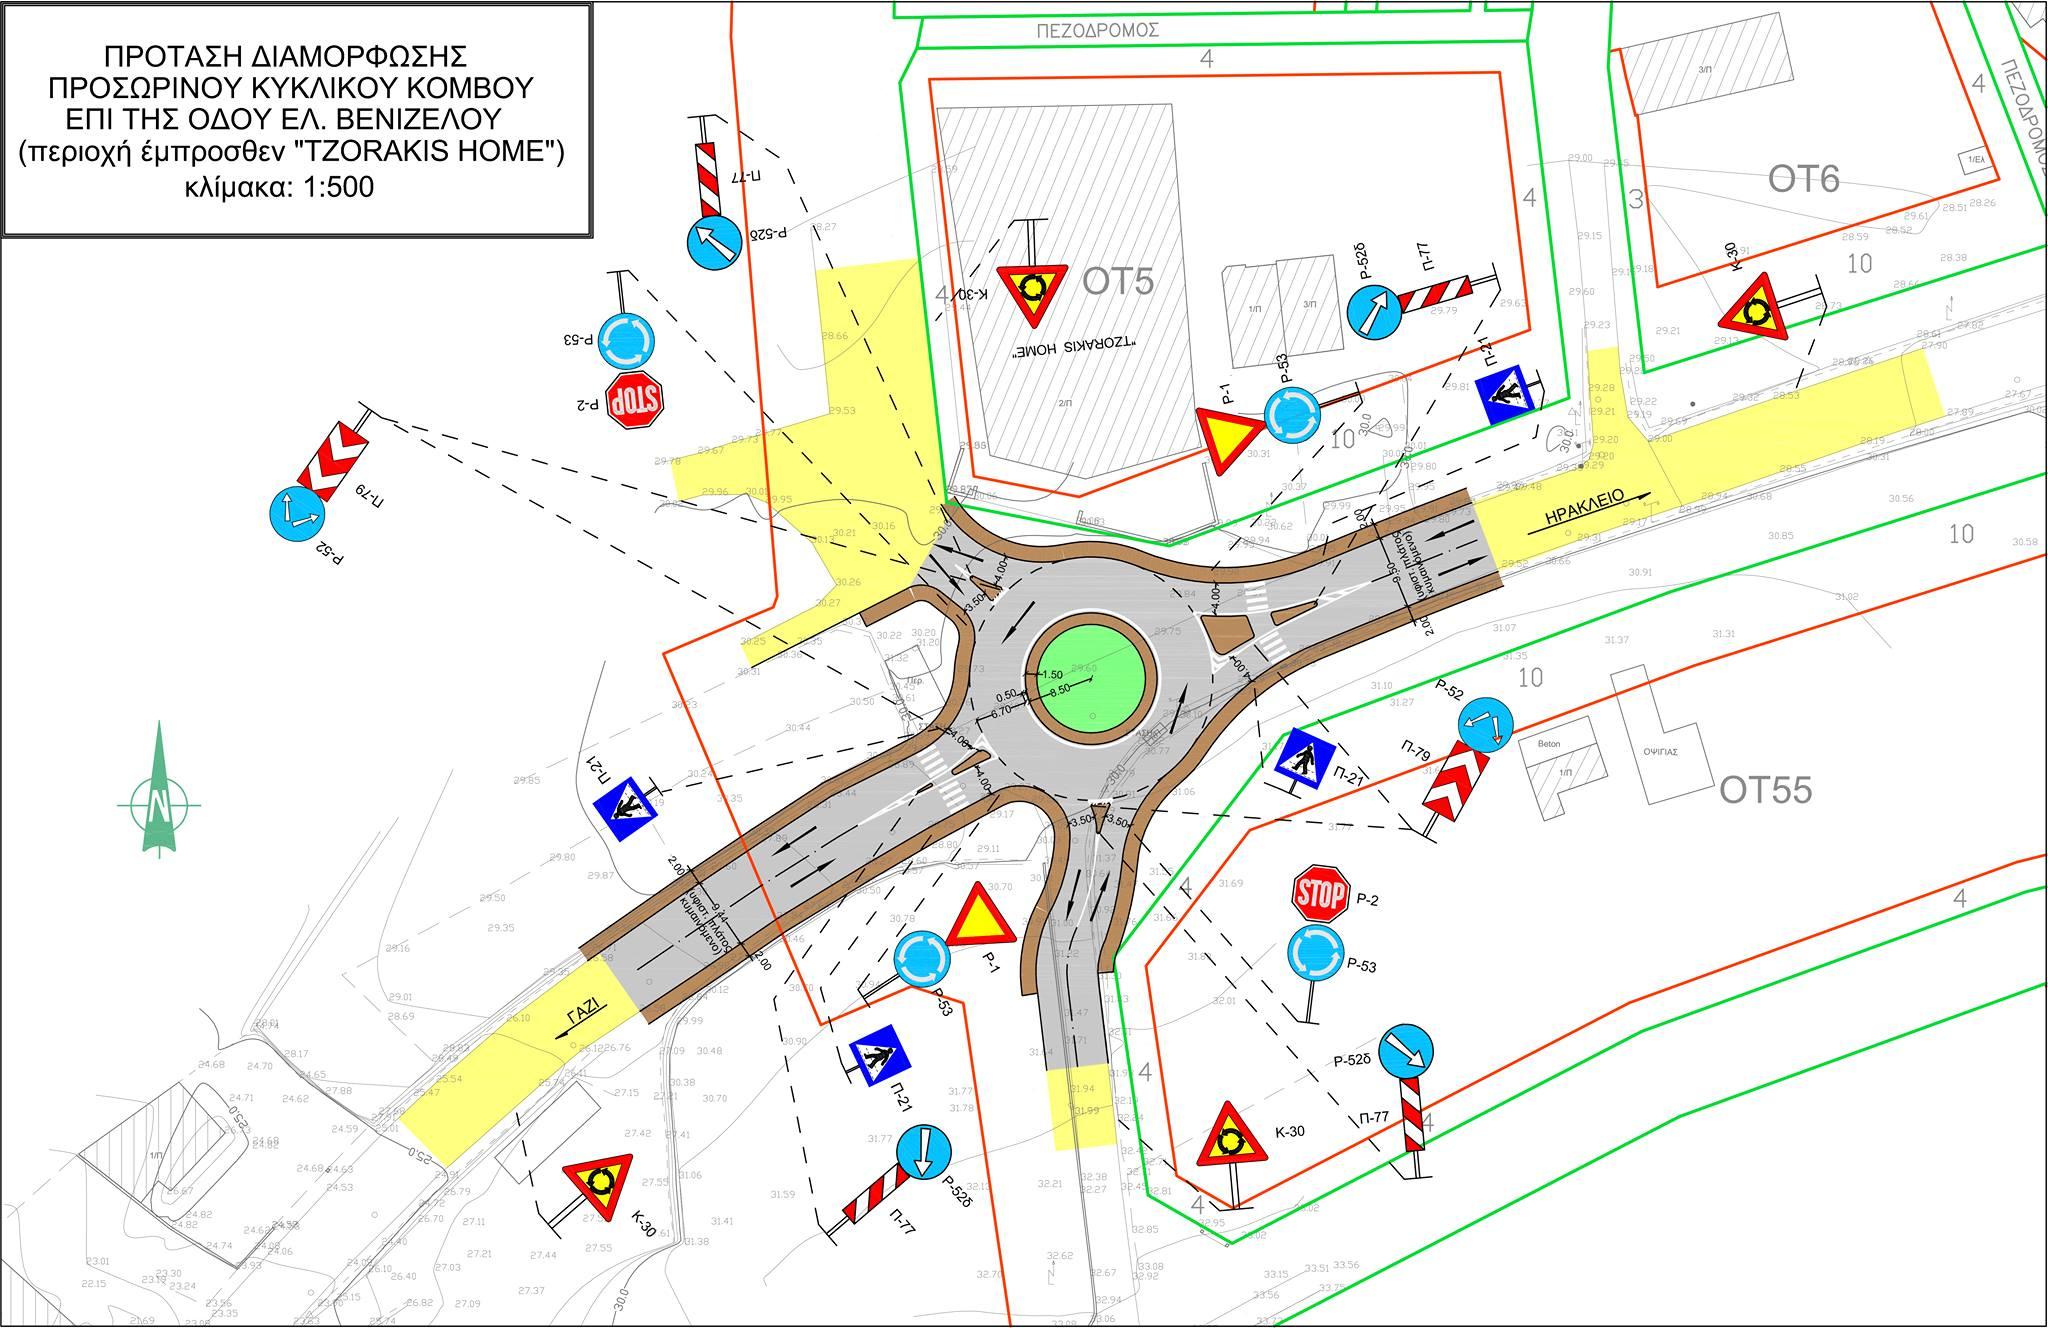 Προς δημοπράτηση ο πρώτος κυκλικός κόμβος στην Ελ. Βενιζέλου στο Γάζι